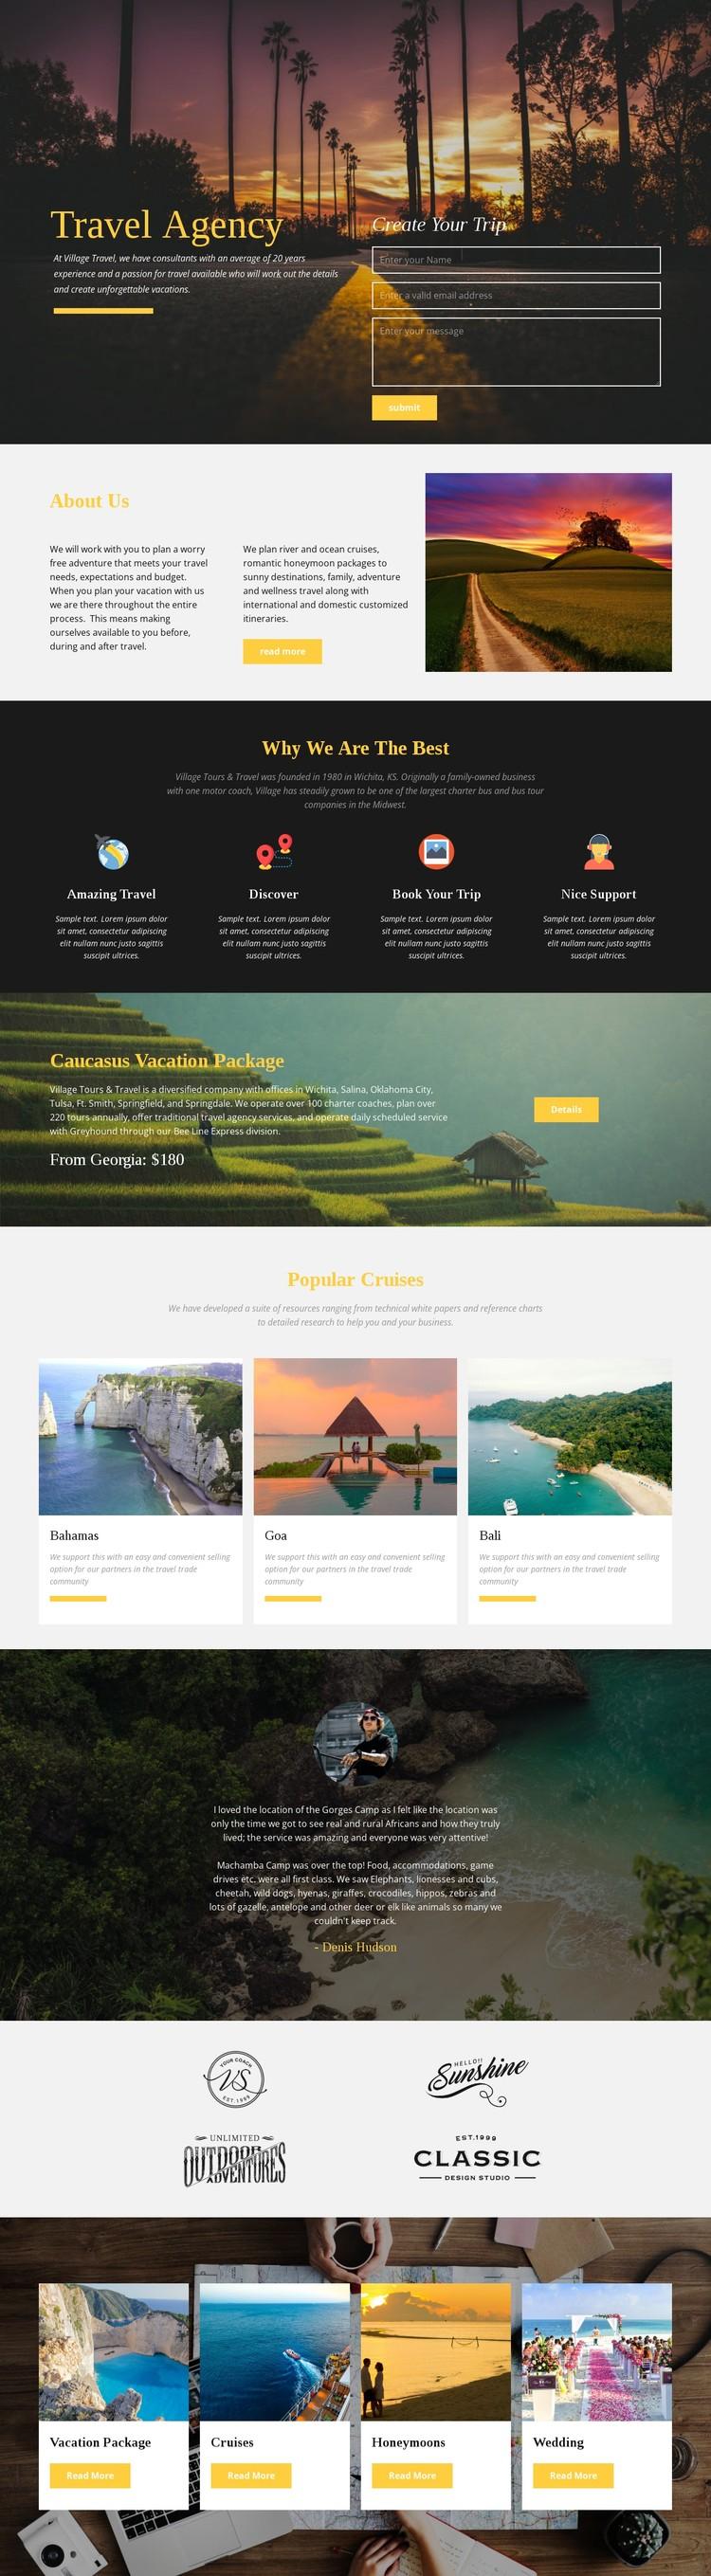 African safari tour company CSS Template